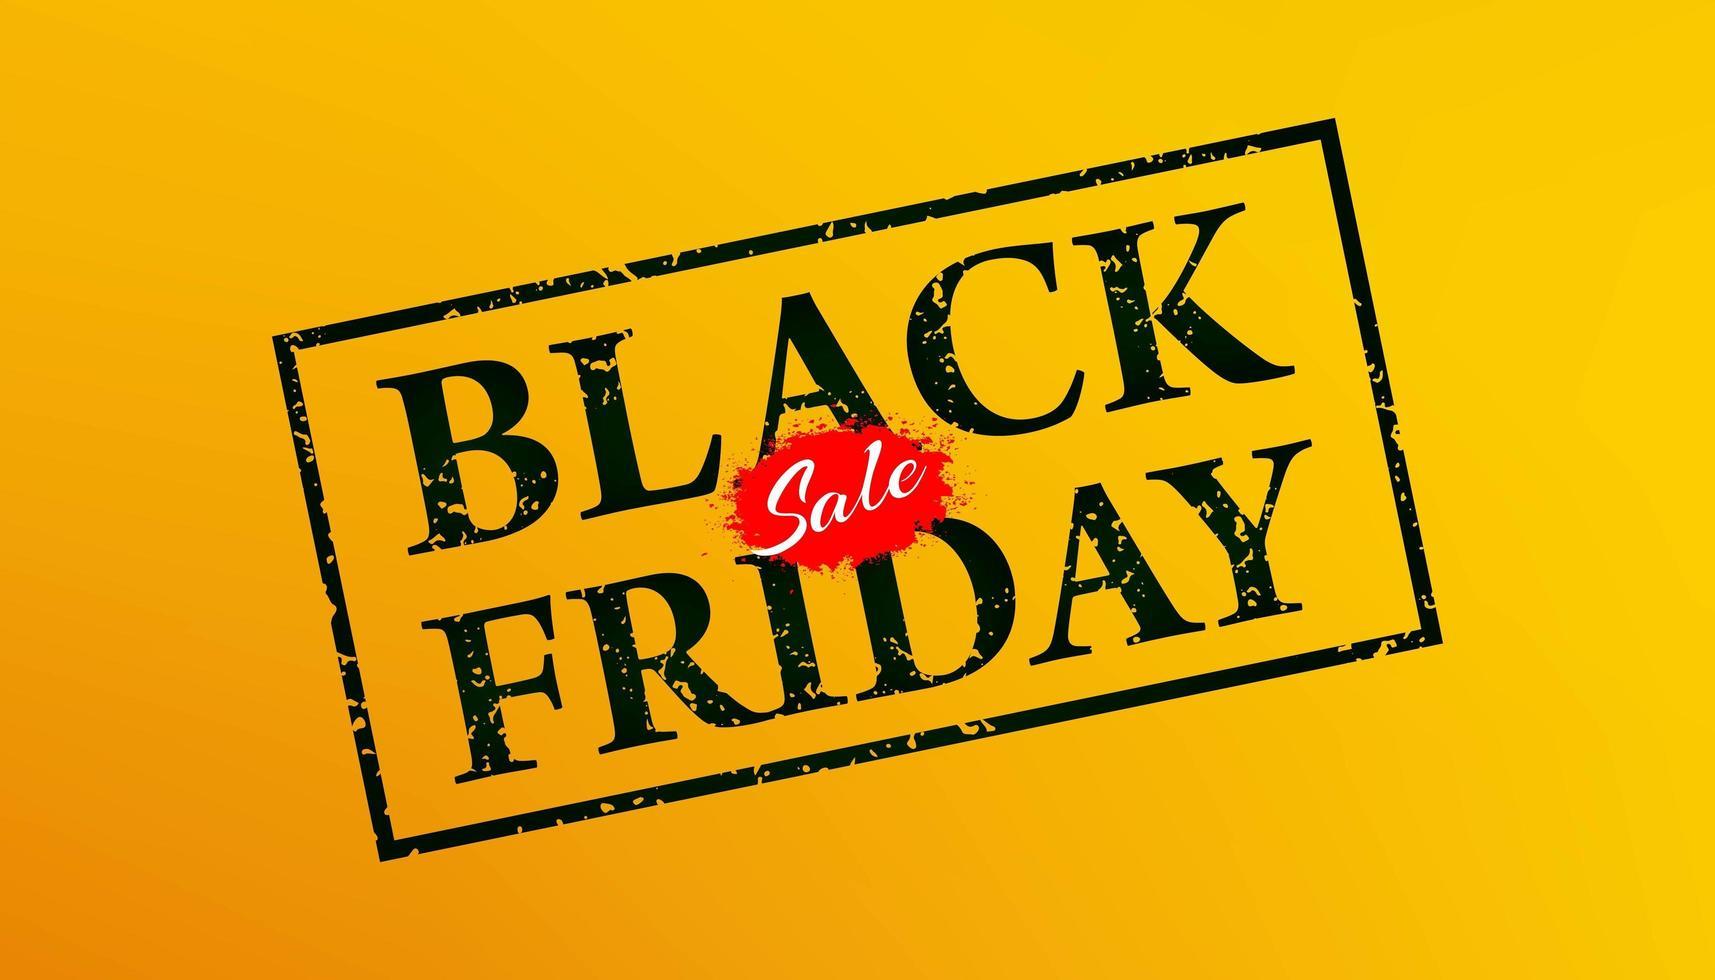 schwarzer Freitag Grunge Stempel auf orange Hintergrund vektor